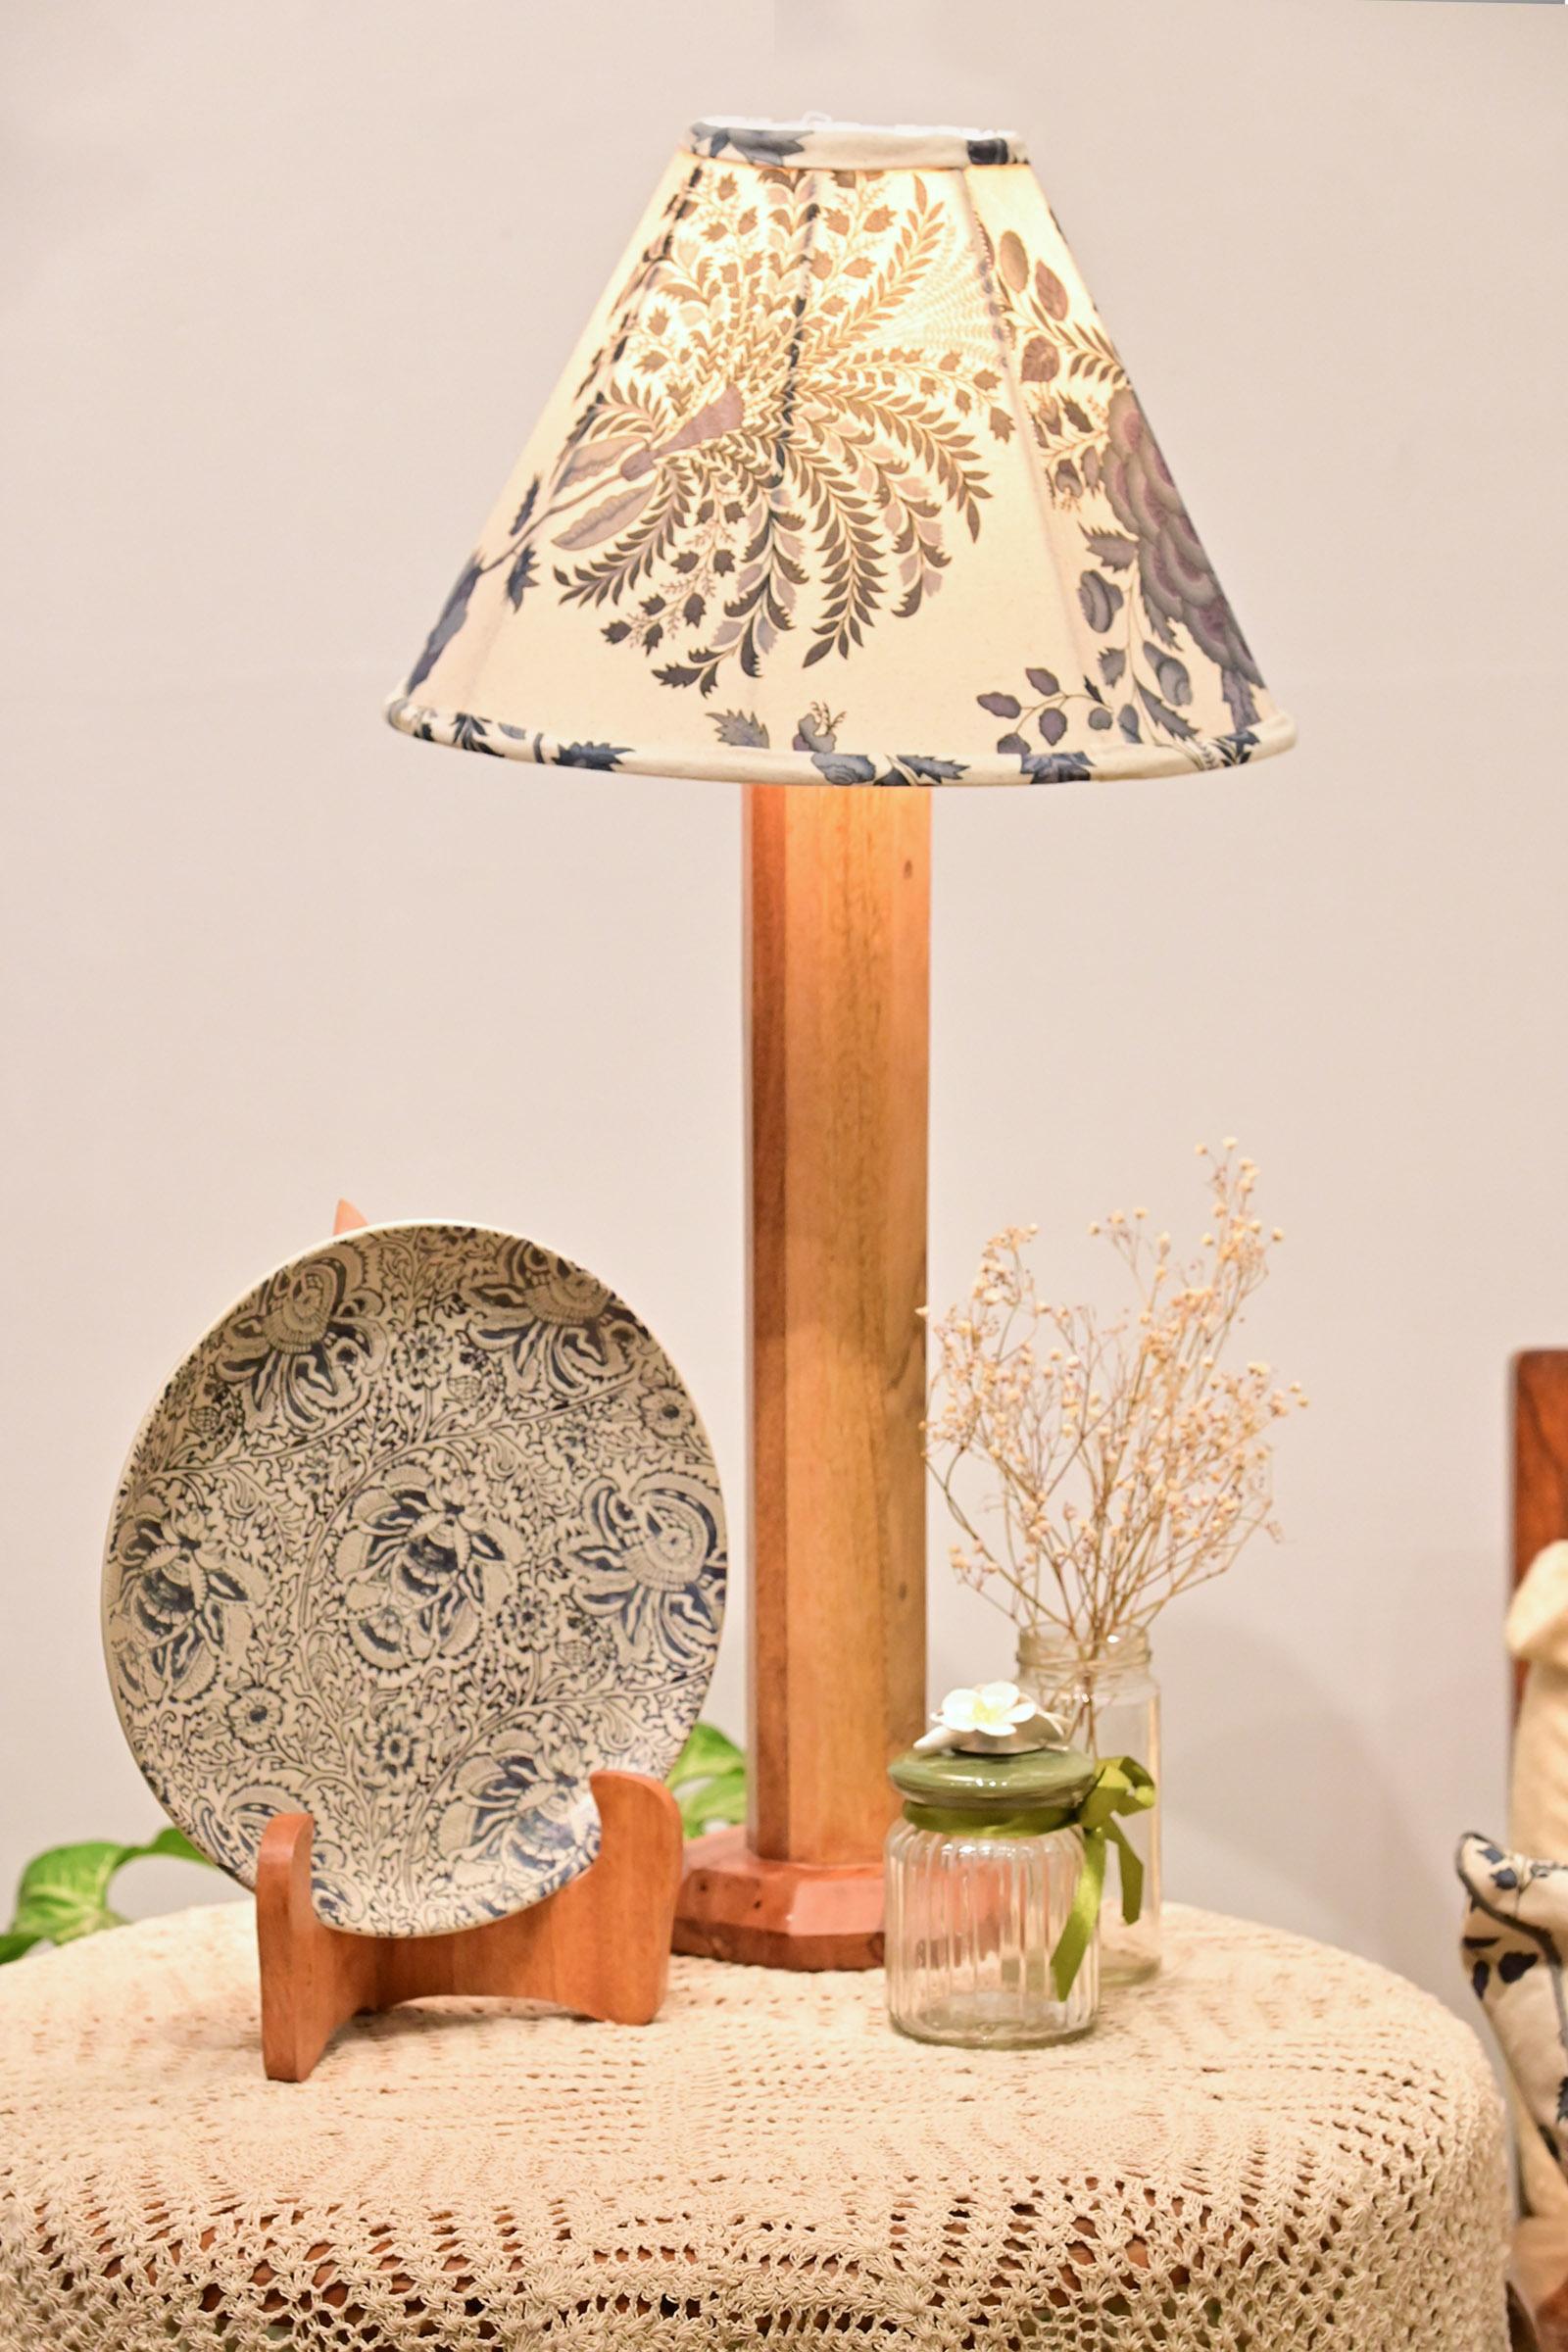 Blue China Medium Lamp Shade